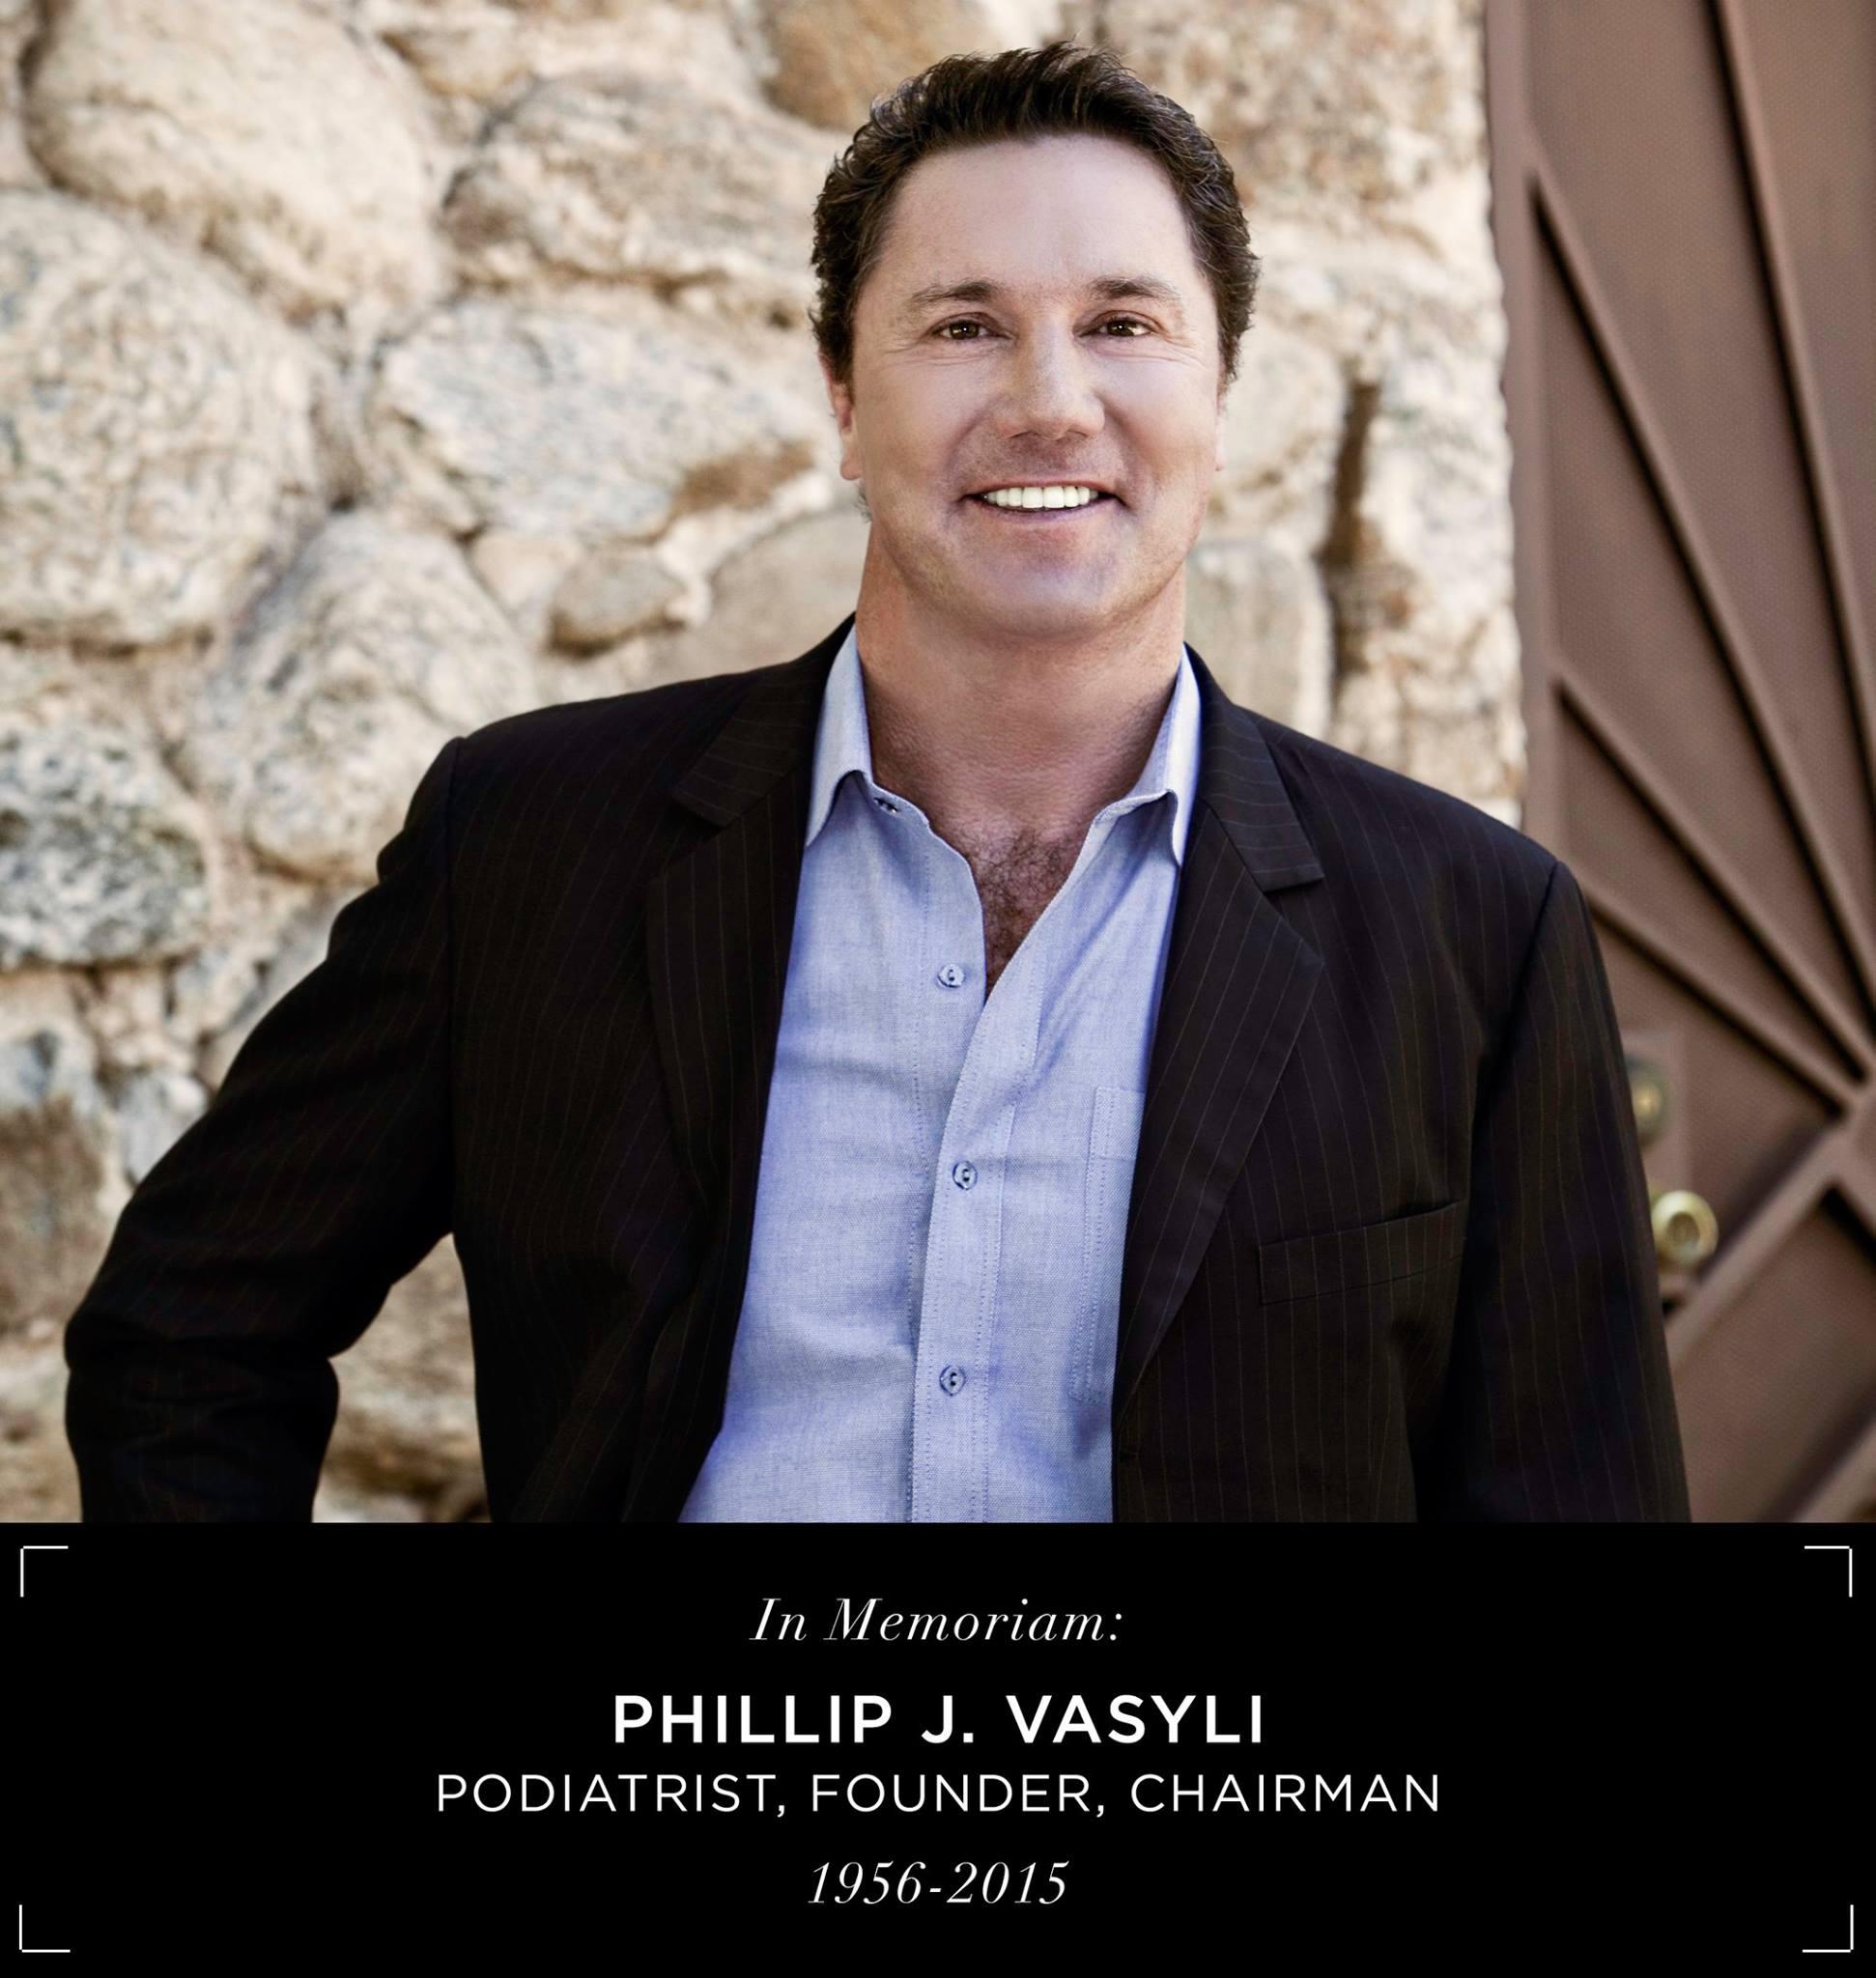 Phillipvasyli